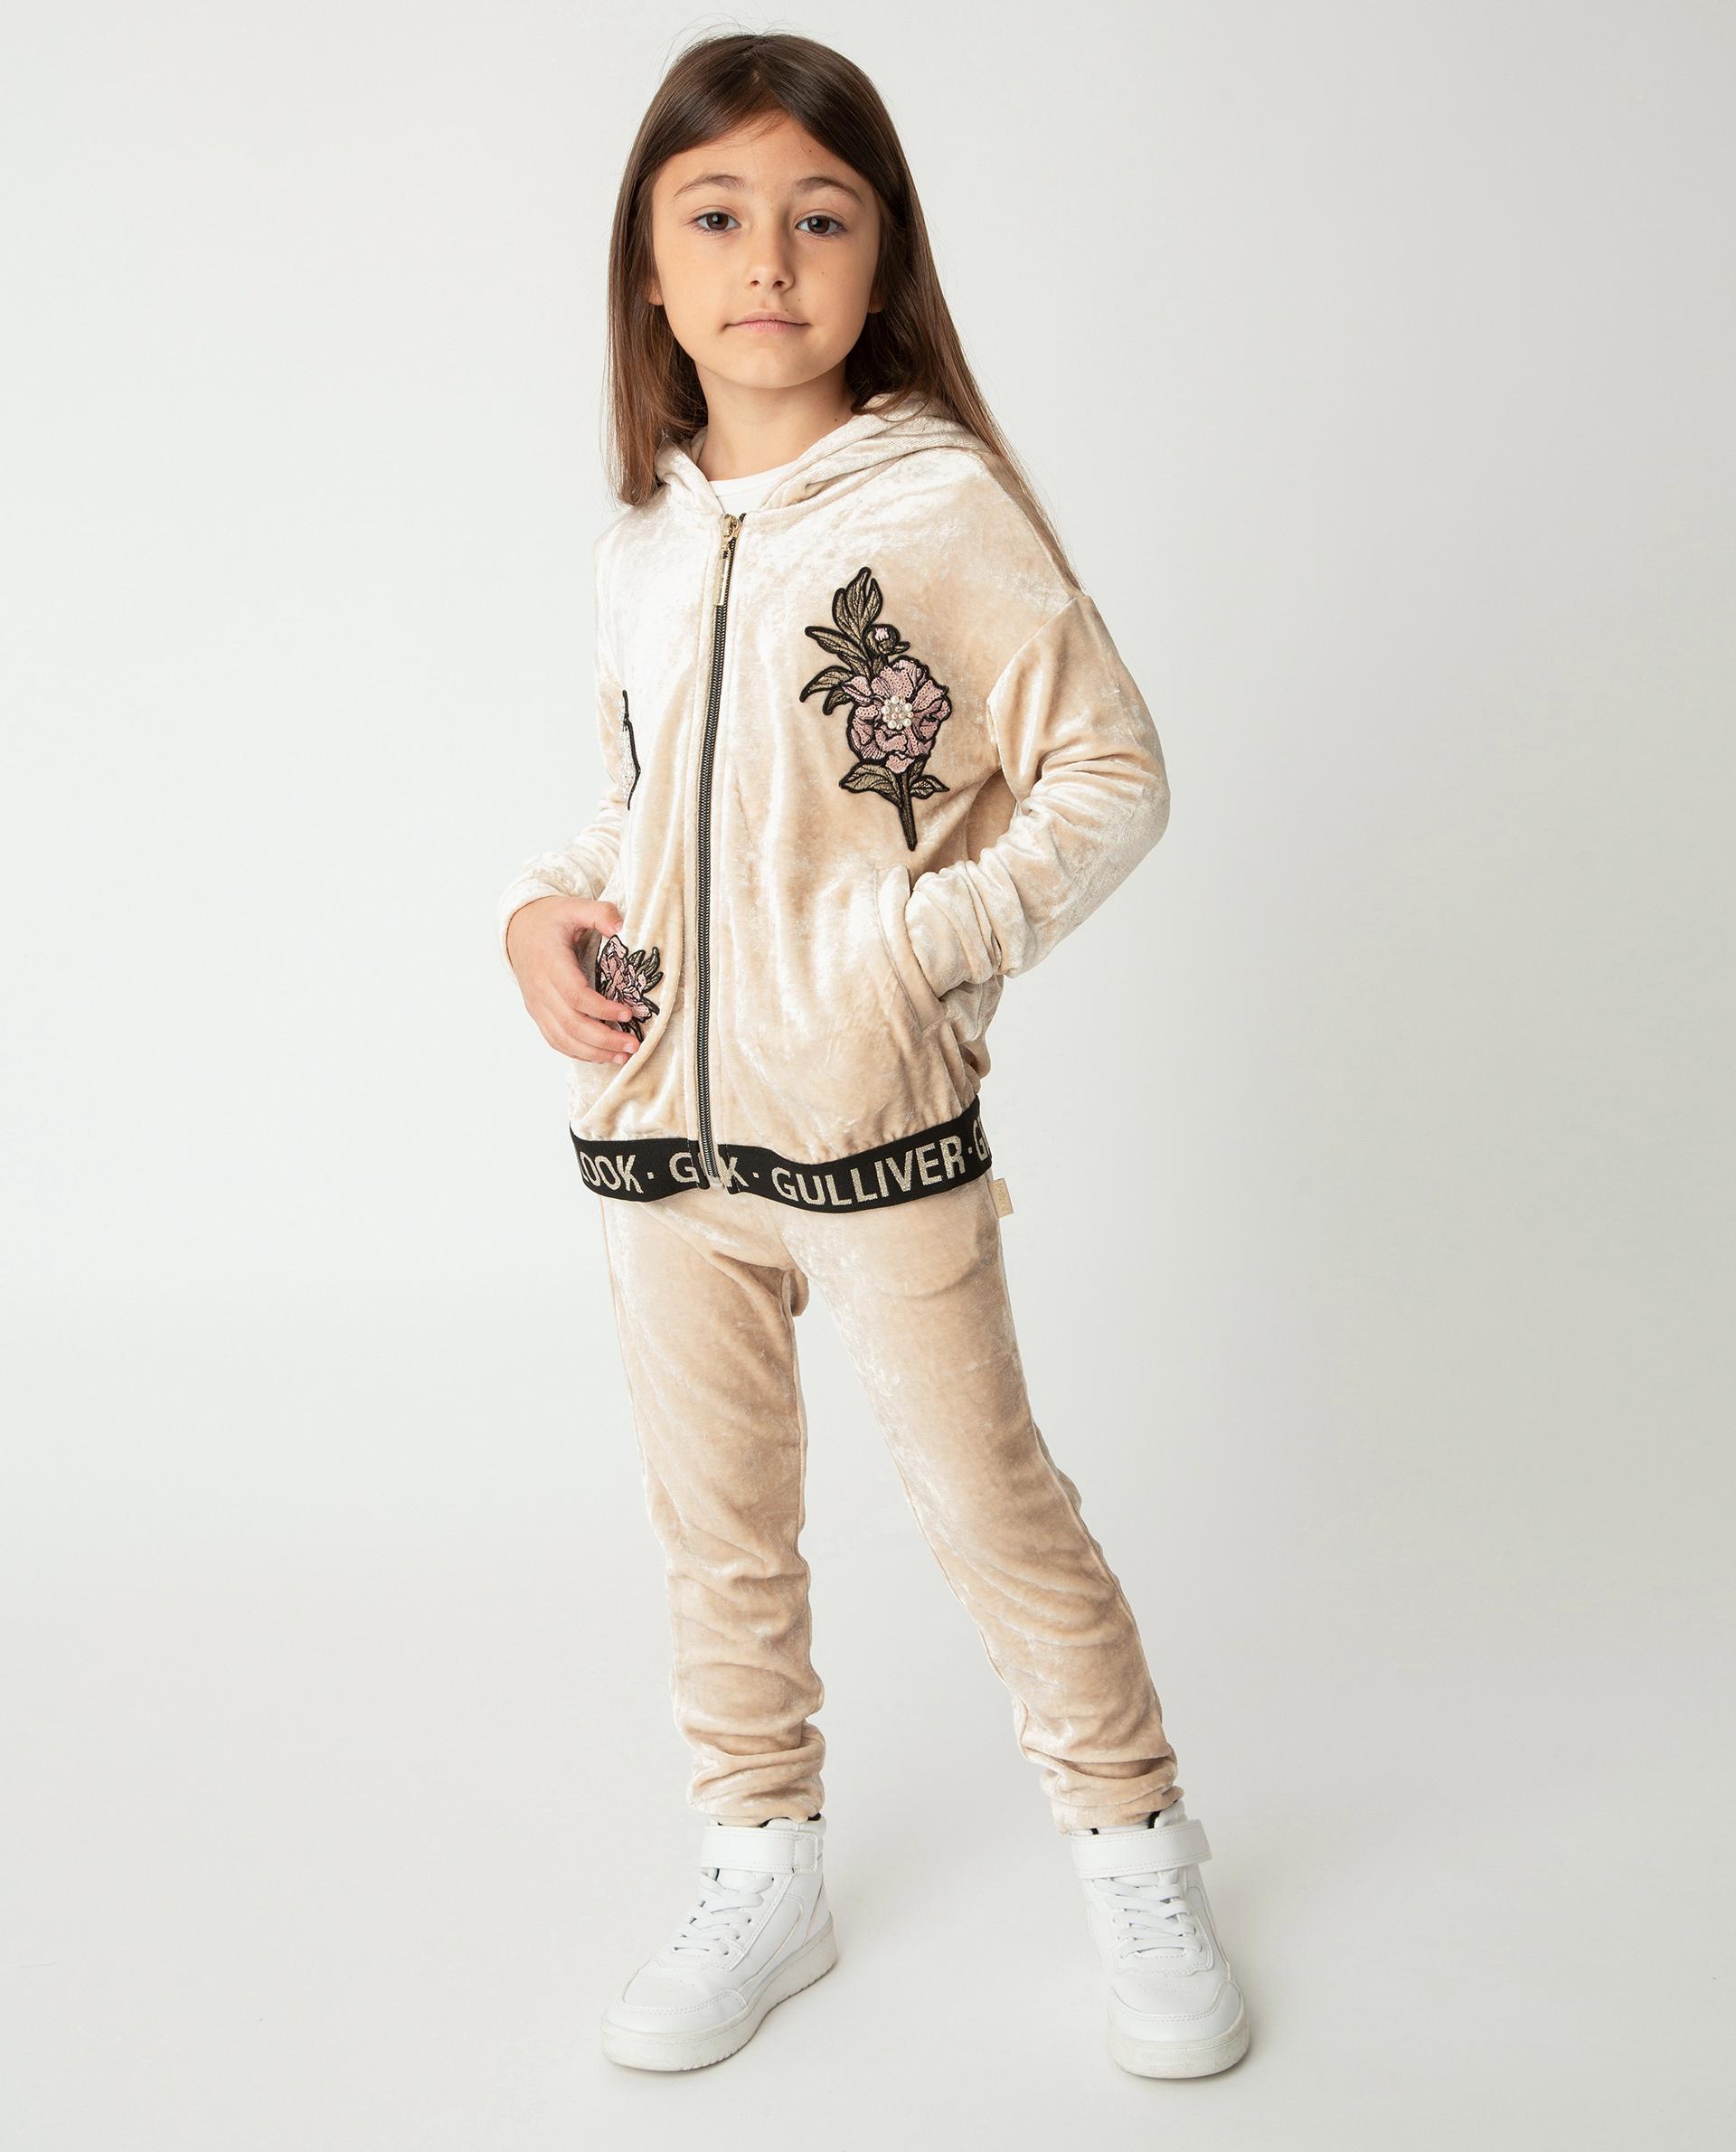 Бежевые брюки Gulliver 22001GMC5603 бежевого цвета